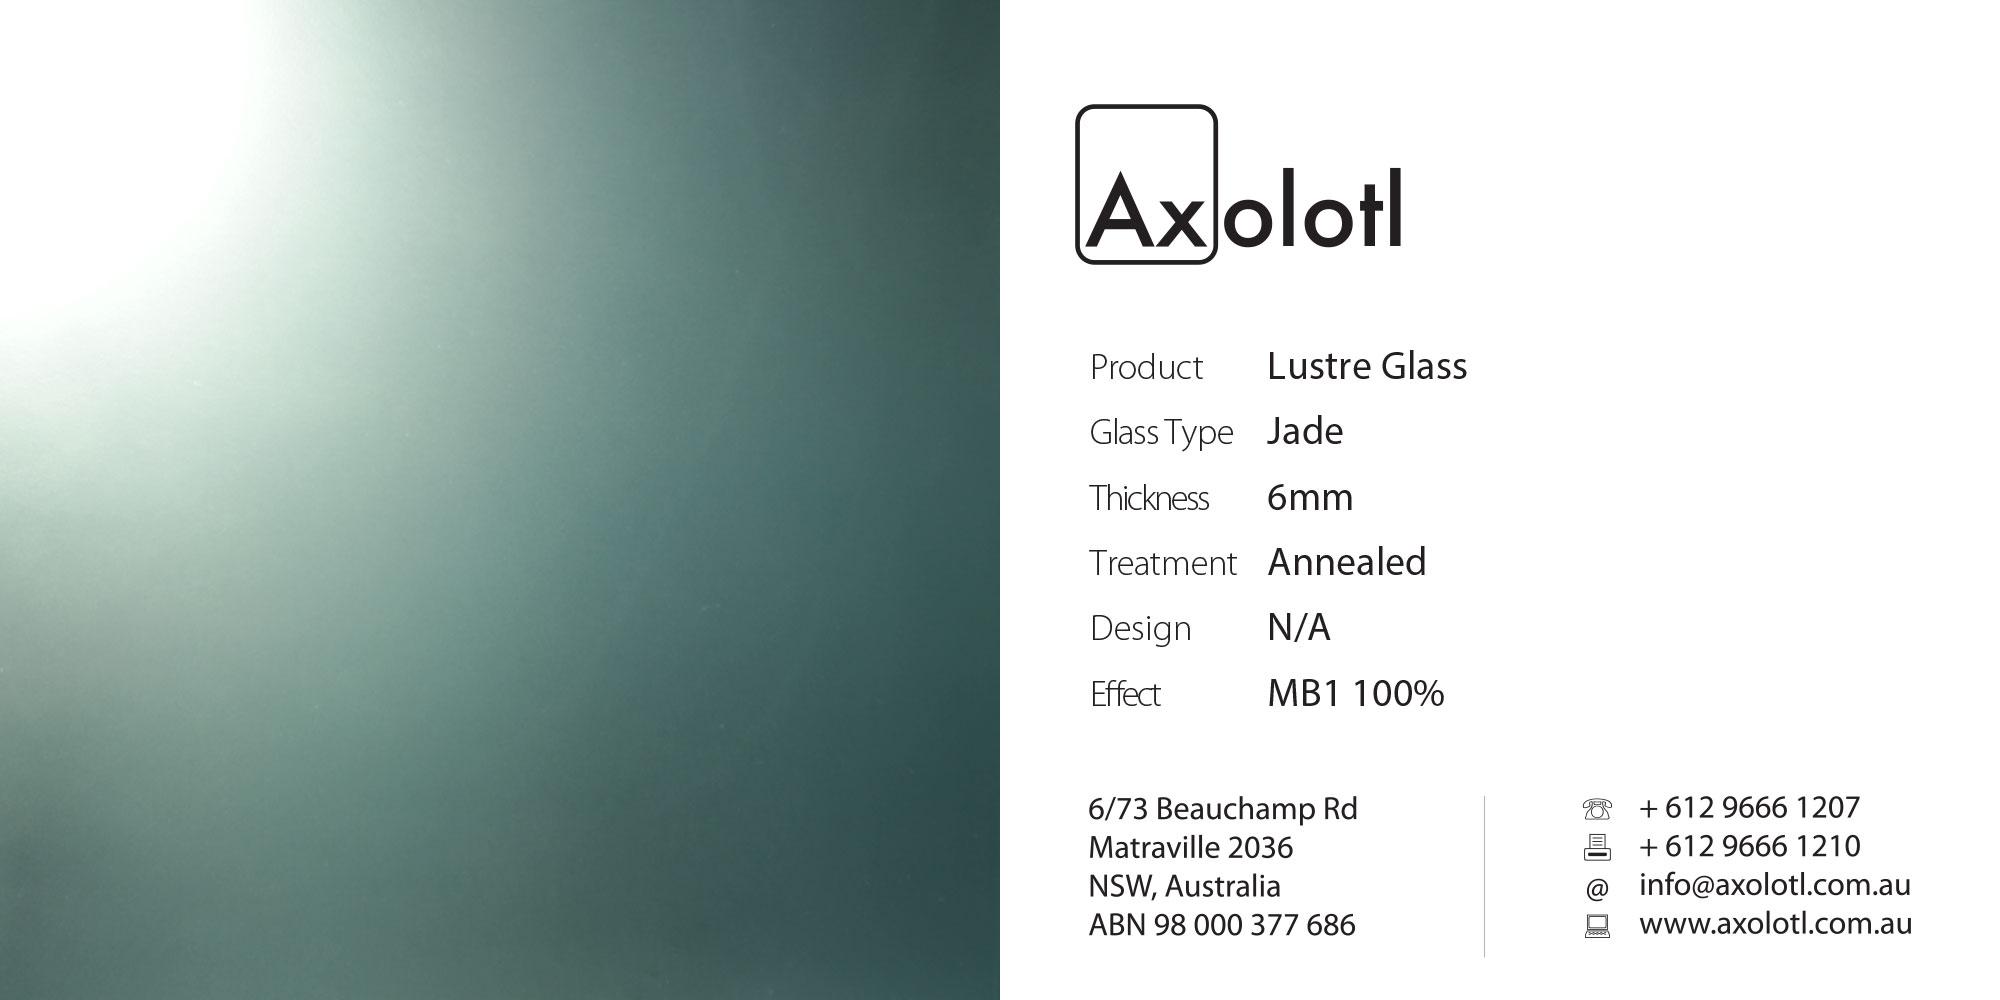 Axolotl_Glass_Lustre_Jade.jpg